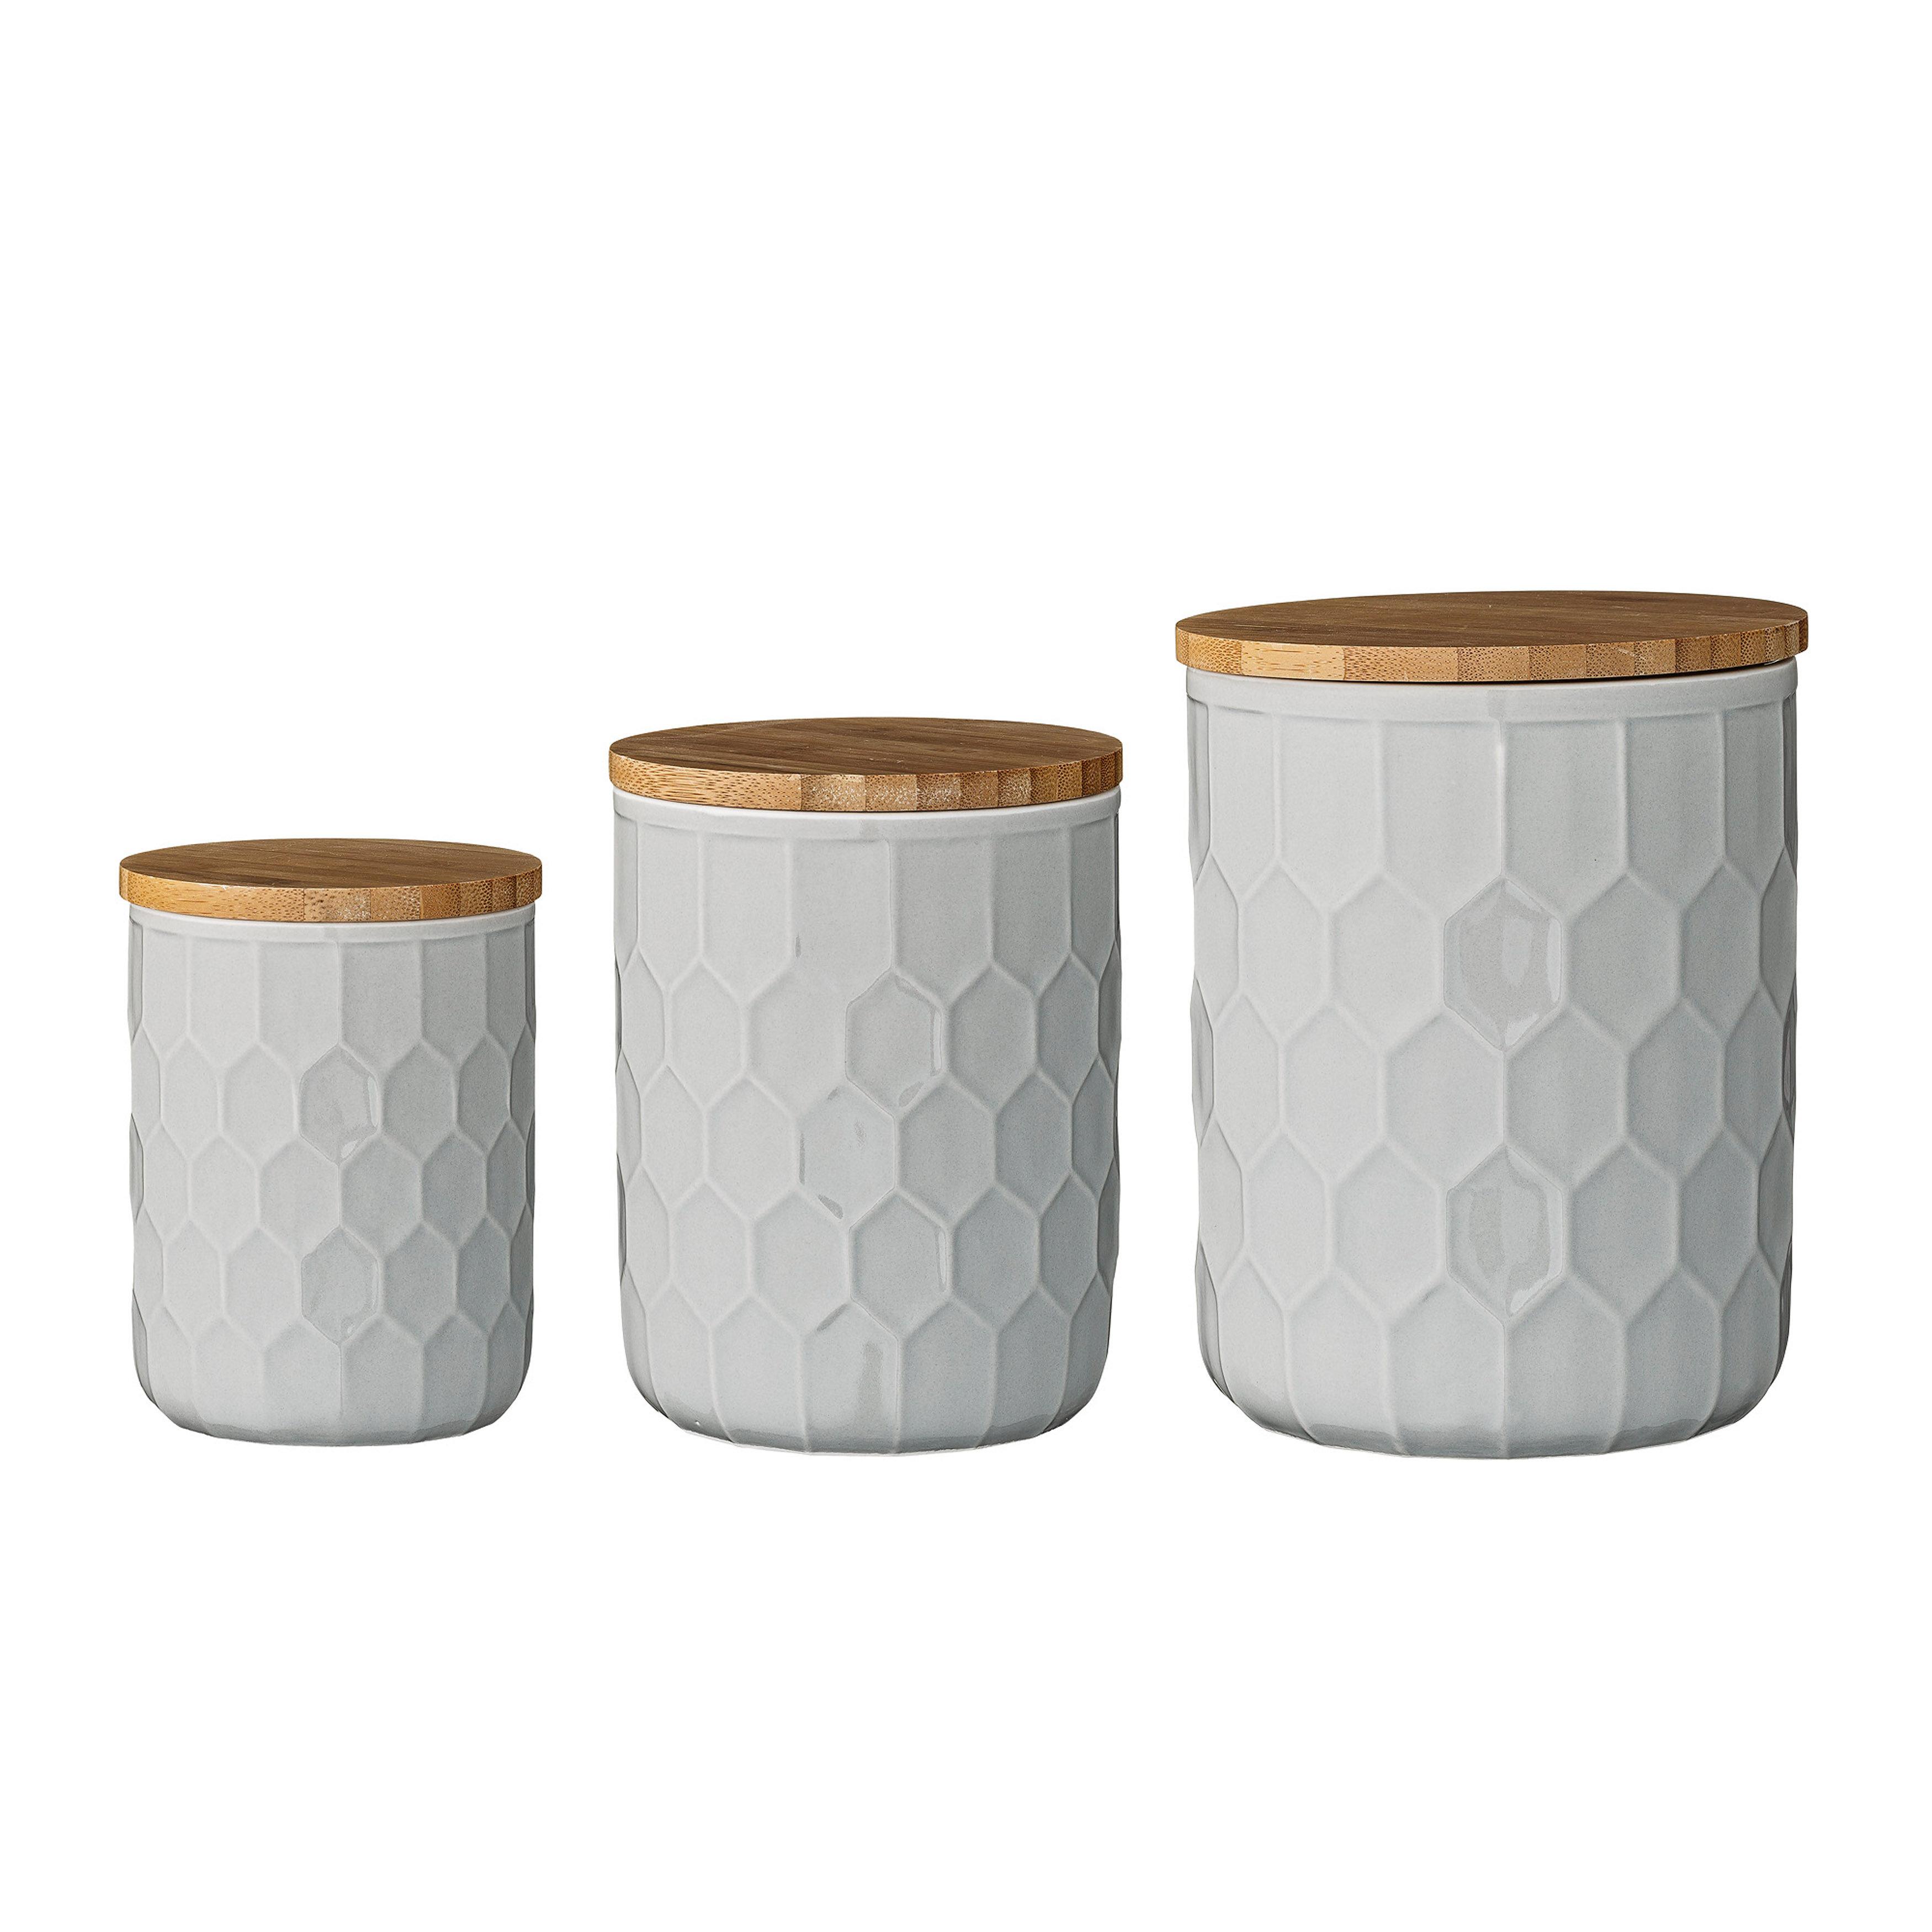 good Park Design Canister Set Part - 18: Mint Pantry Scandinavian 3 Piece Kitchen Canister Set u0026 Reviews | Wayfair